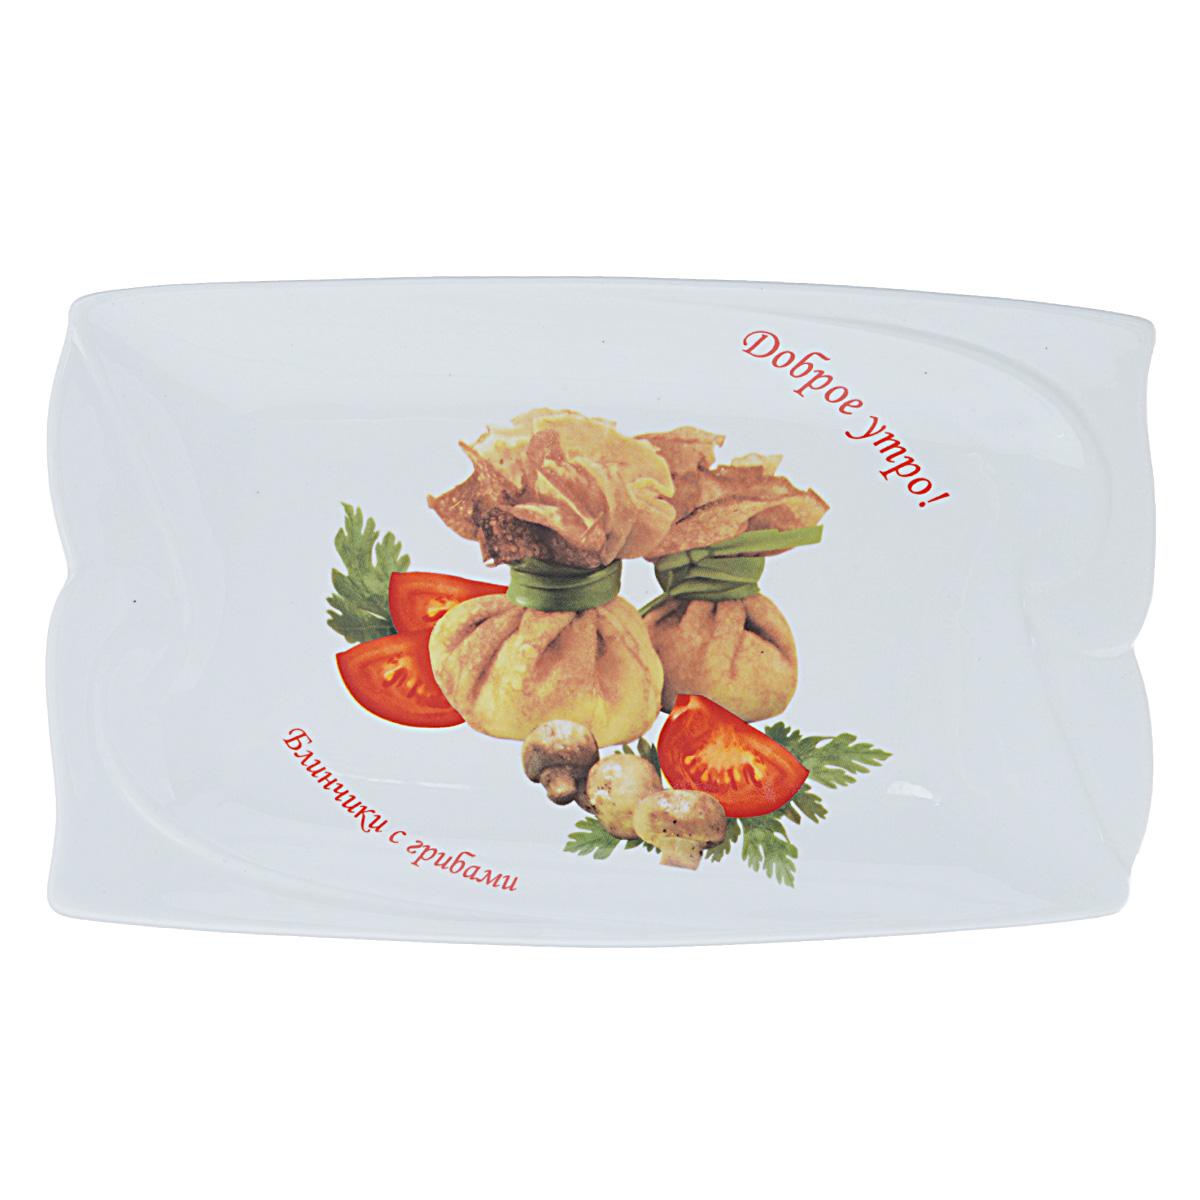 Блюдо LarangE Блинчики с грибами, цвет: белый, 24,5 х 15 см589-323Блюдо LarangE Блинчики с грибами изготовлено из высококачественной керамики. Изделие украшено изображением блинчиков. Пусть ваше утро начинается с незабываемого завтрака! Можно использовать в СВЧ печах, духовом шкафу и холодильнике. Не применять абразивные чистящие вещества. Размер блюда: 24,5 см х 15 см х 1,5 см.